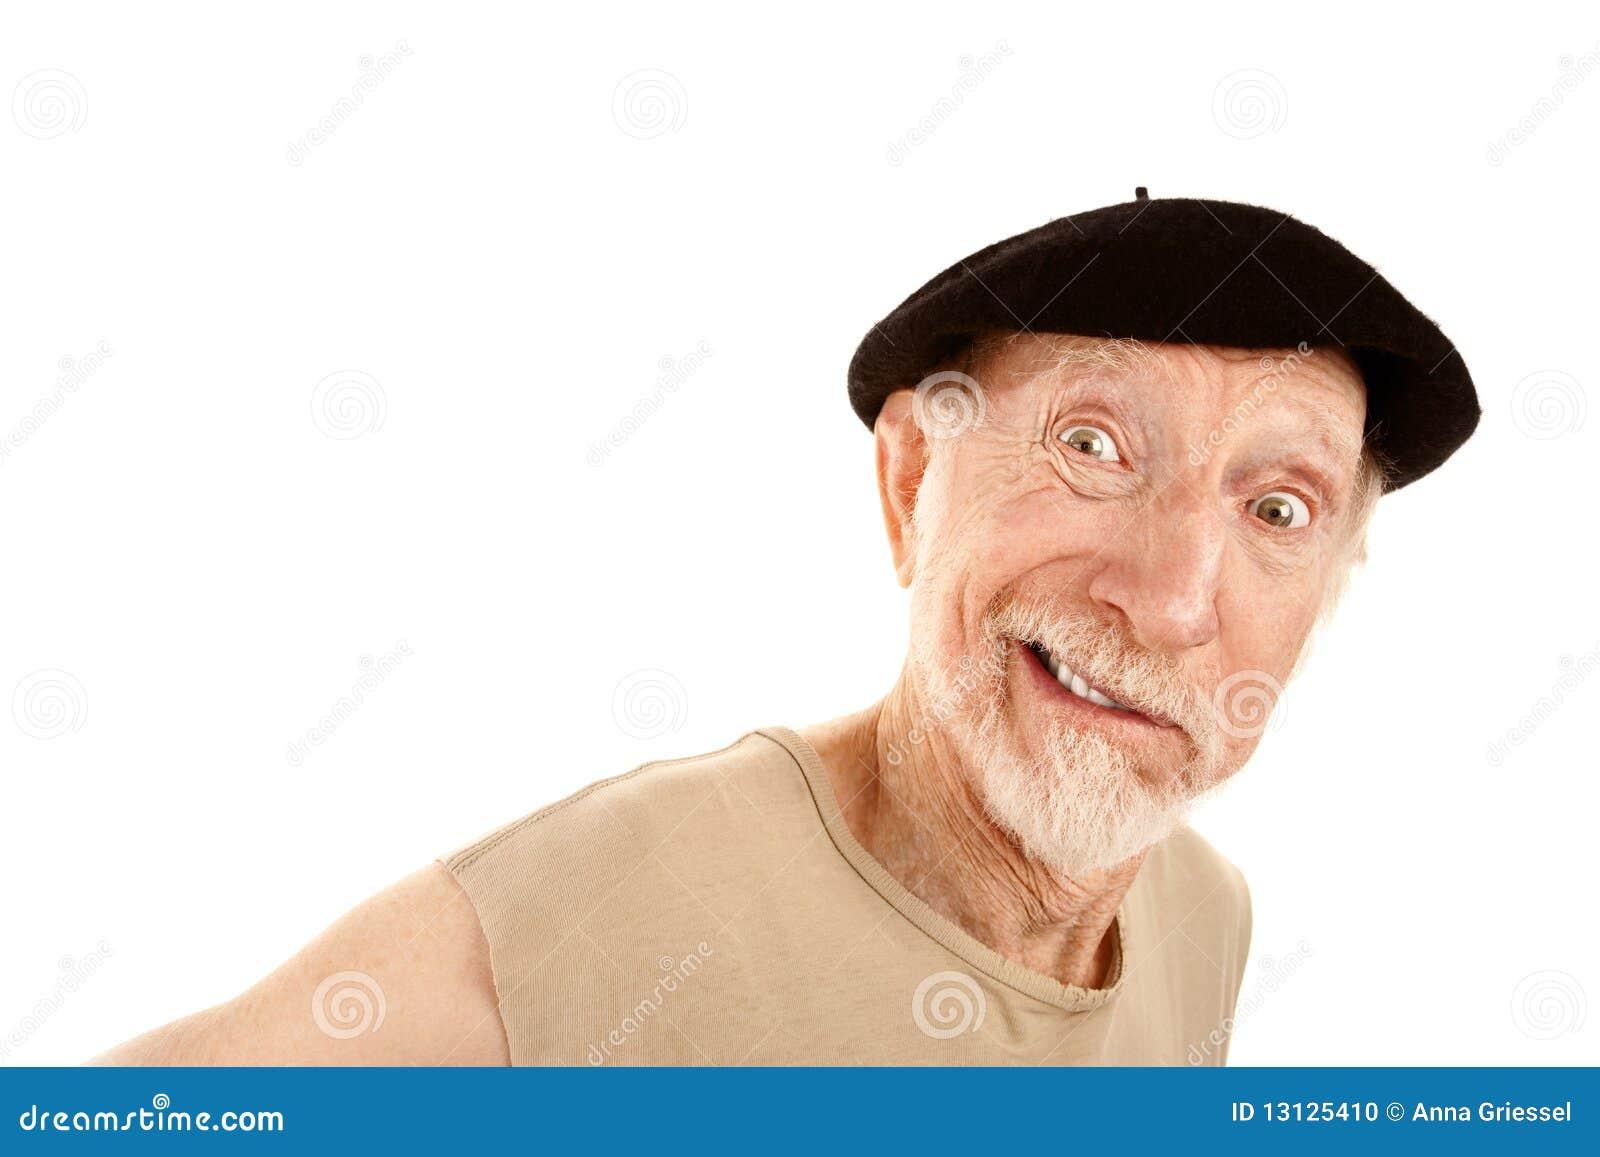 3b622f13215a1 Hombre sonriente en boina foto de archivo. Imagen de carácter - 13125410